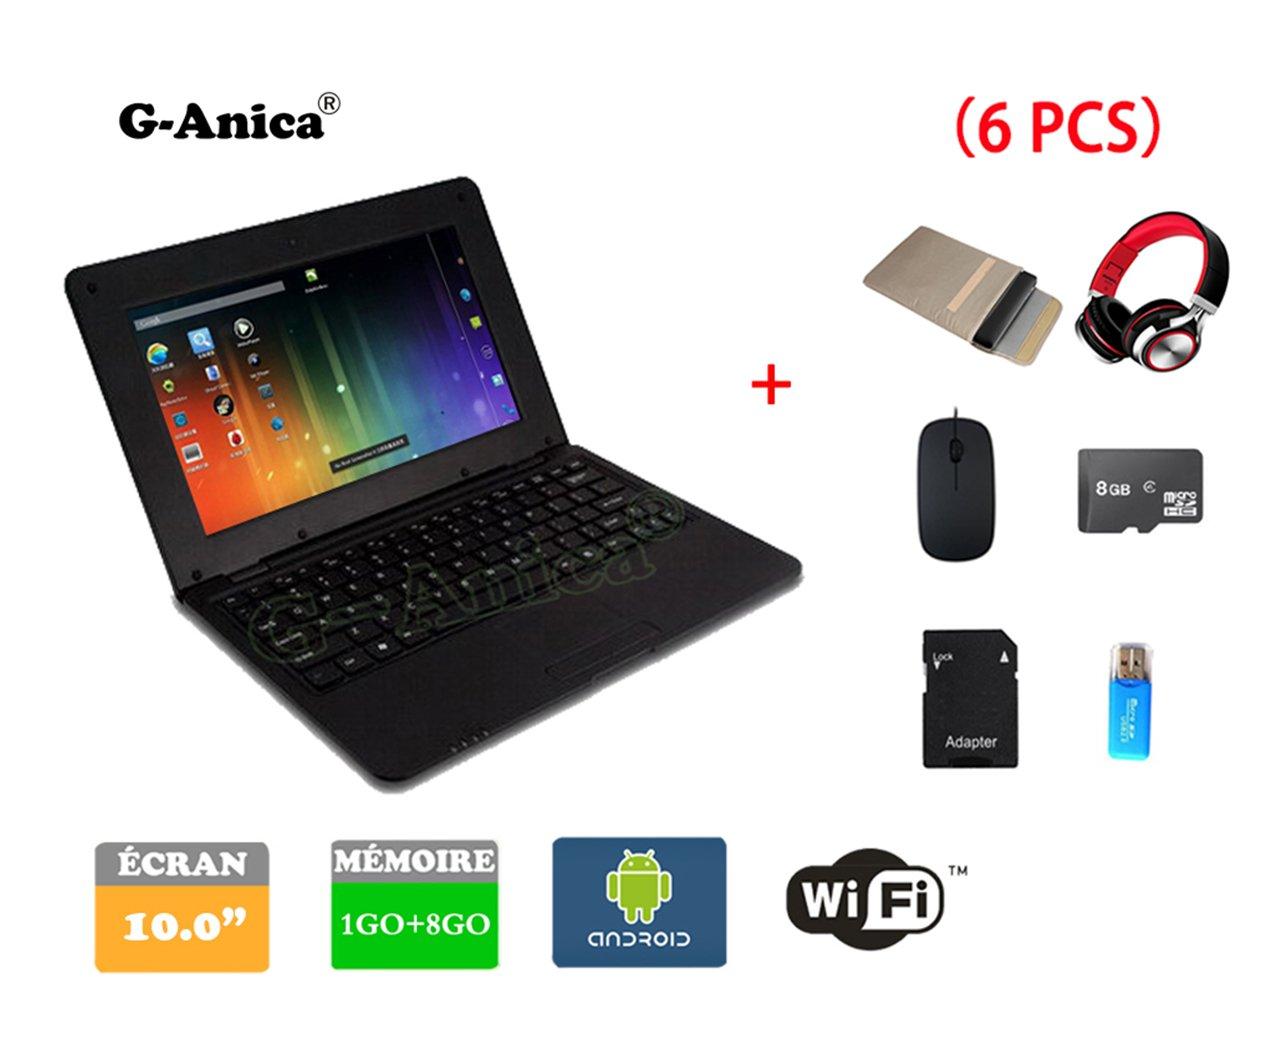 G-Anica Netbook Ordenador portátil Android 4.4.2 (WIFI, 1.5GHz 1GB de RAM, 8GB de disco duro),Bolsa de ordenador portátil+Ratón+Adaptar+Tarjeta SD+Lector de ...